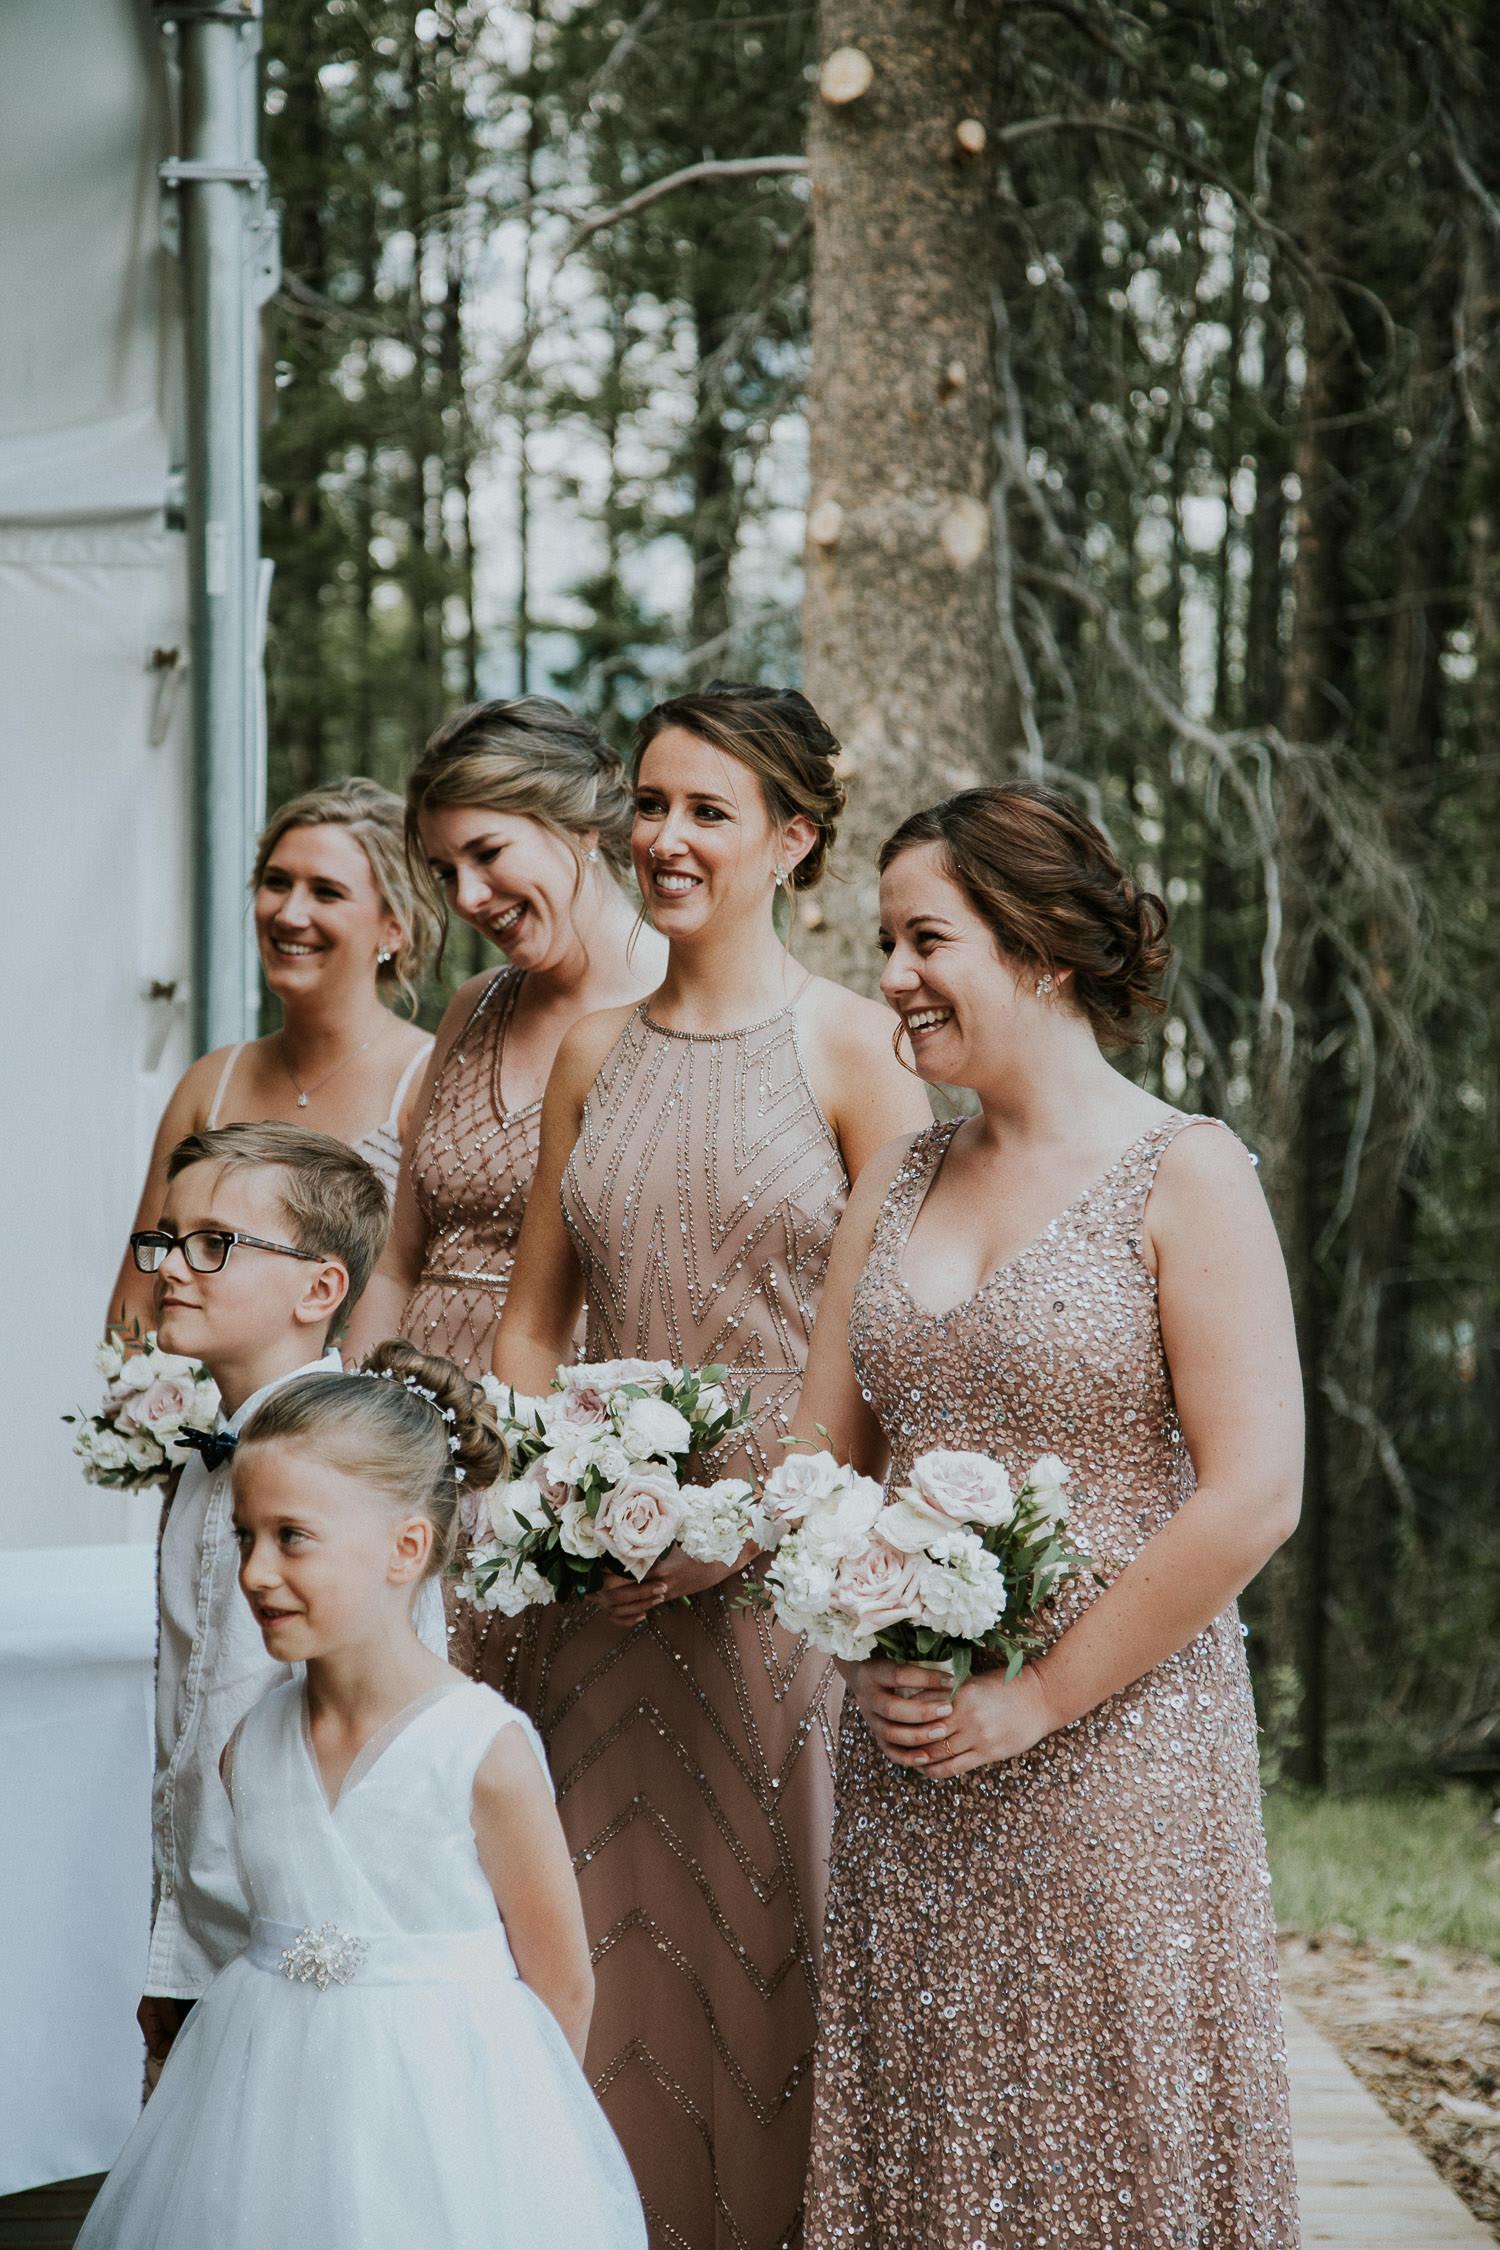 stewart-creek-wedding-sarah-pukin-217